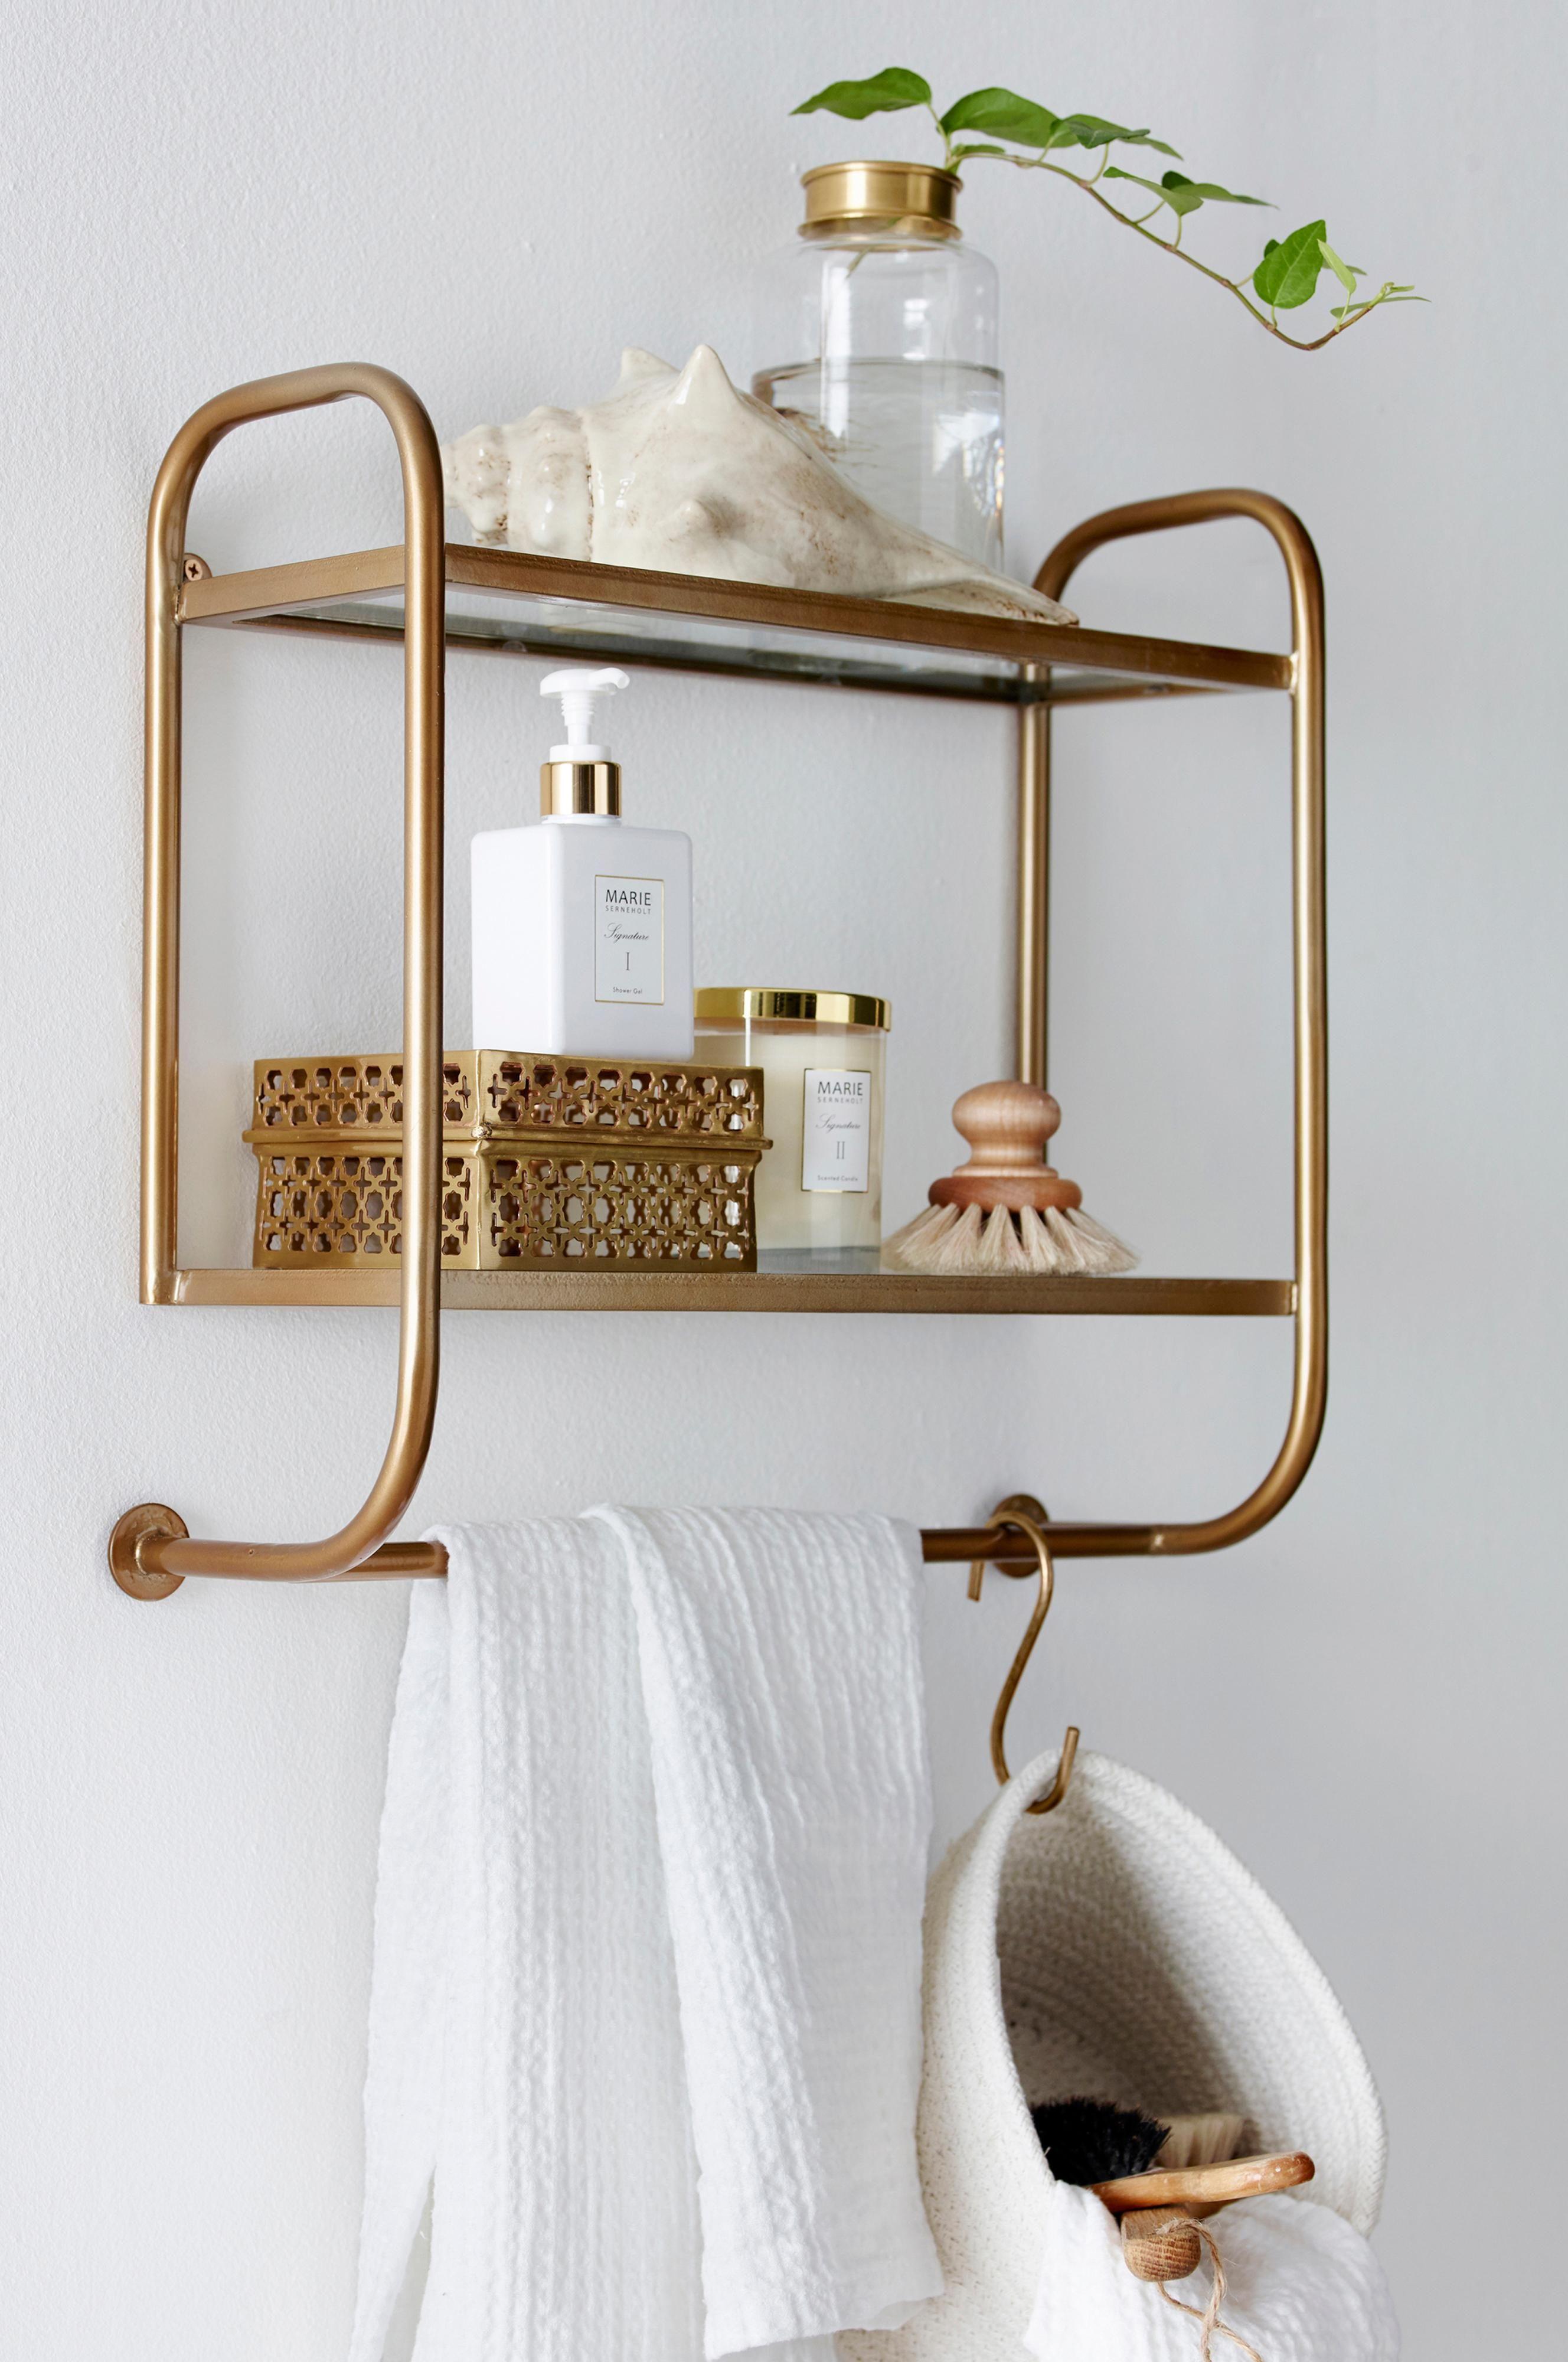 hylde til badeværelse Hylde Thelma | Badeværelse | Pinterest | Bath, Small bathroom and  hylde til badeværelse